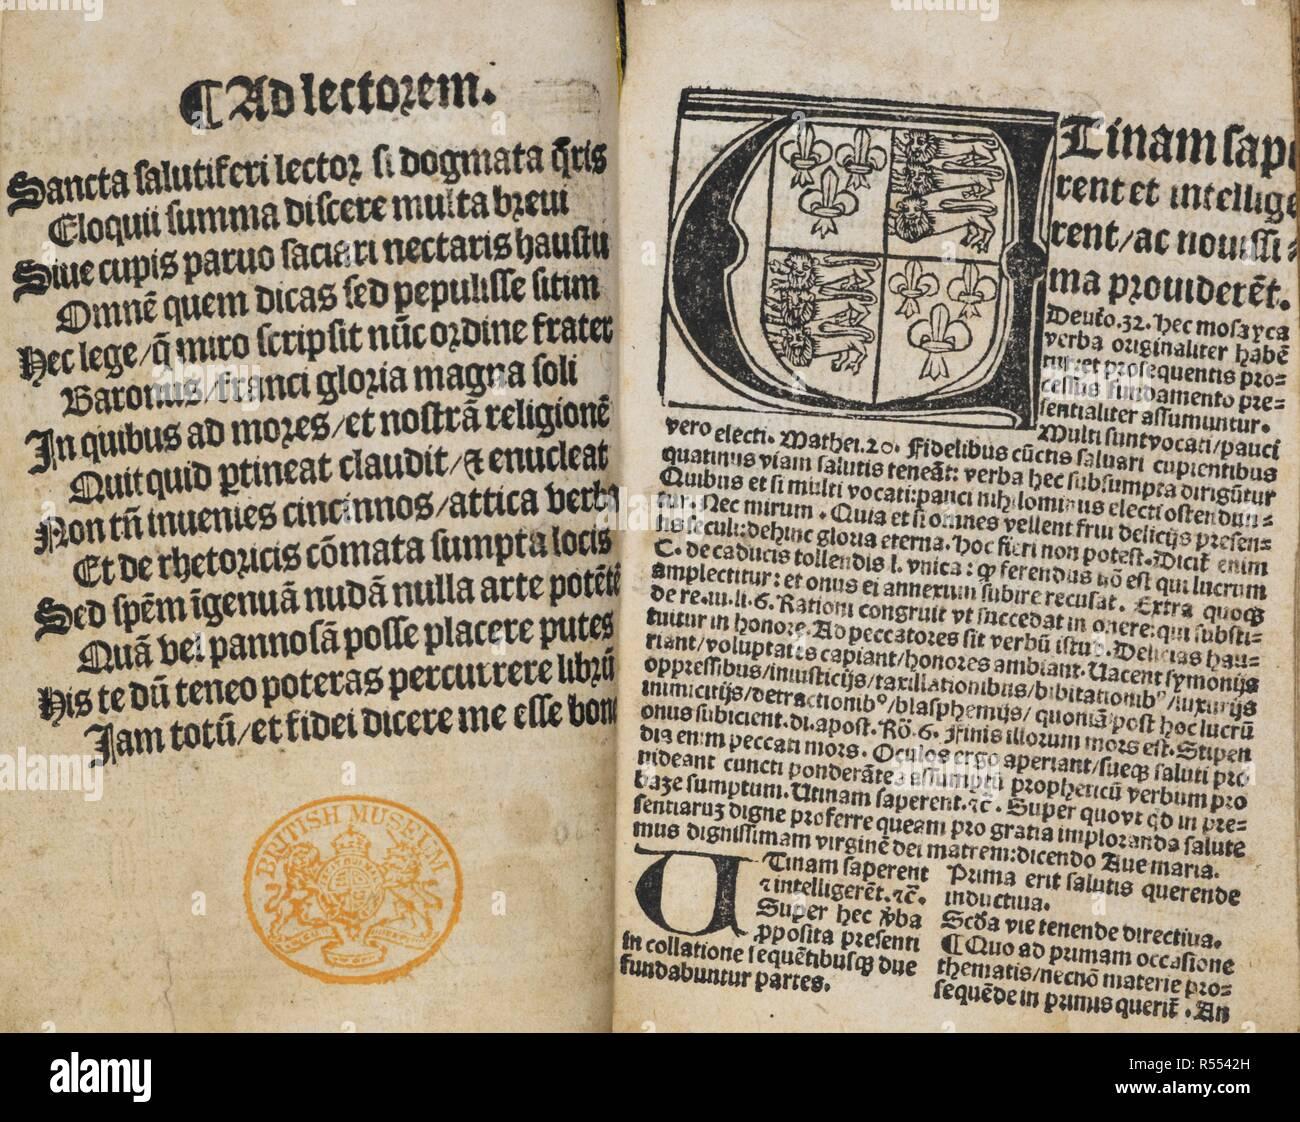 """""""Tractatulus de regimine principum seu caritate"""". Página doble de texto con un inicial adornada . Sermones Declamati coraÌ"""" alma vniuersitate CaÌ""""tibrigieÌ""""si, etc. B.L. loÌ""""donijs : ï"""" wynanduÌ"""" de Worde, [1510?]. Fuente: C.53.h.27 y sigs. [A1]v-[A2]. Foto de stock"""